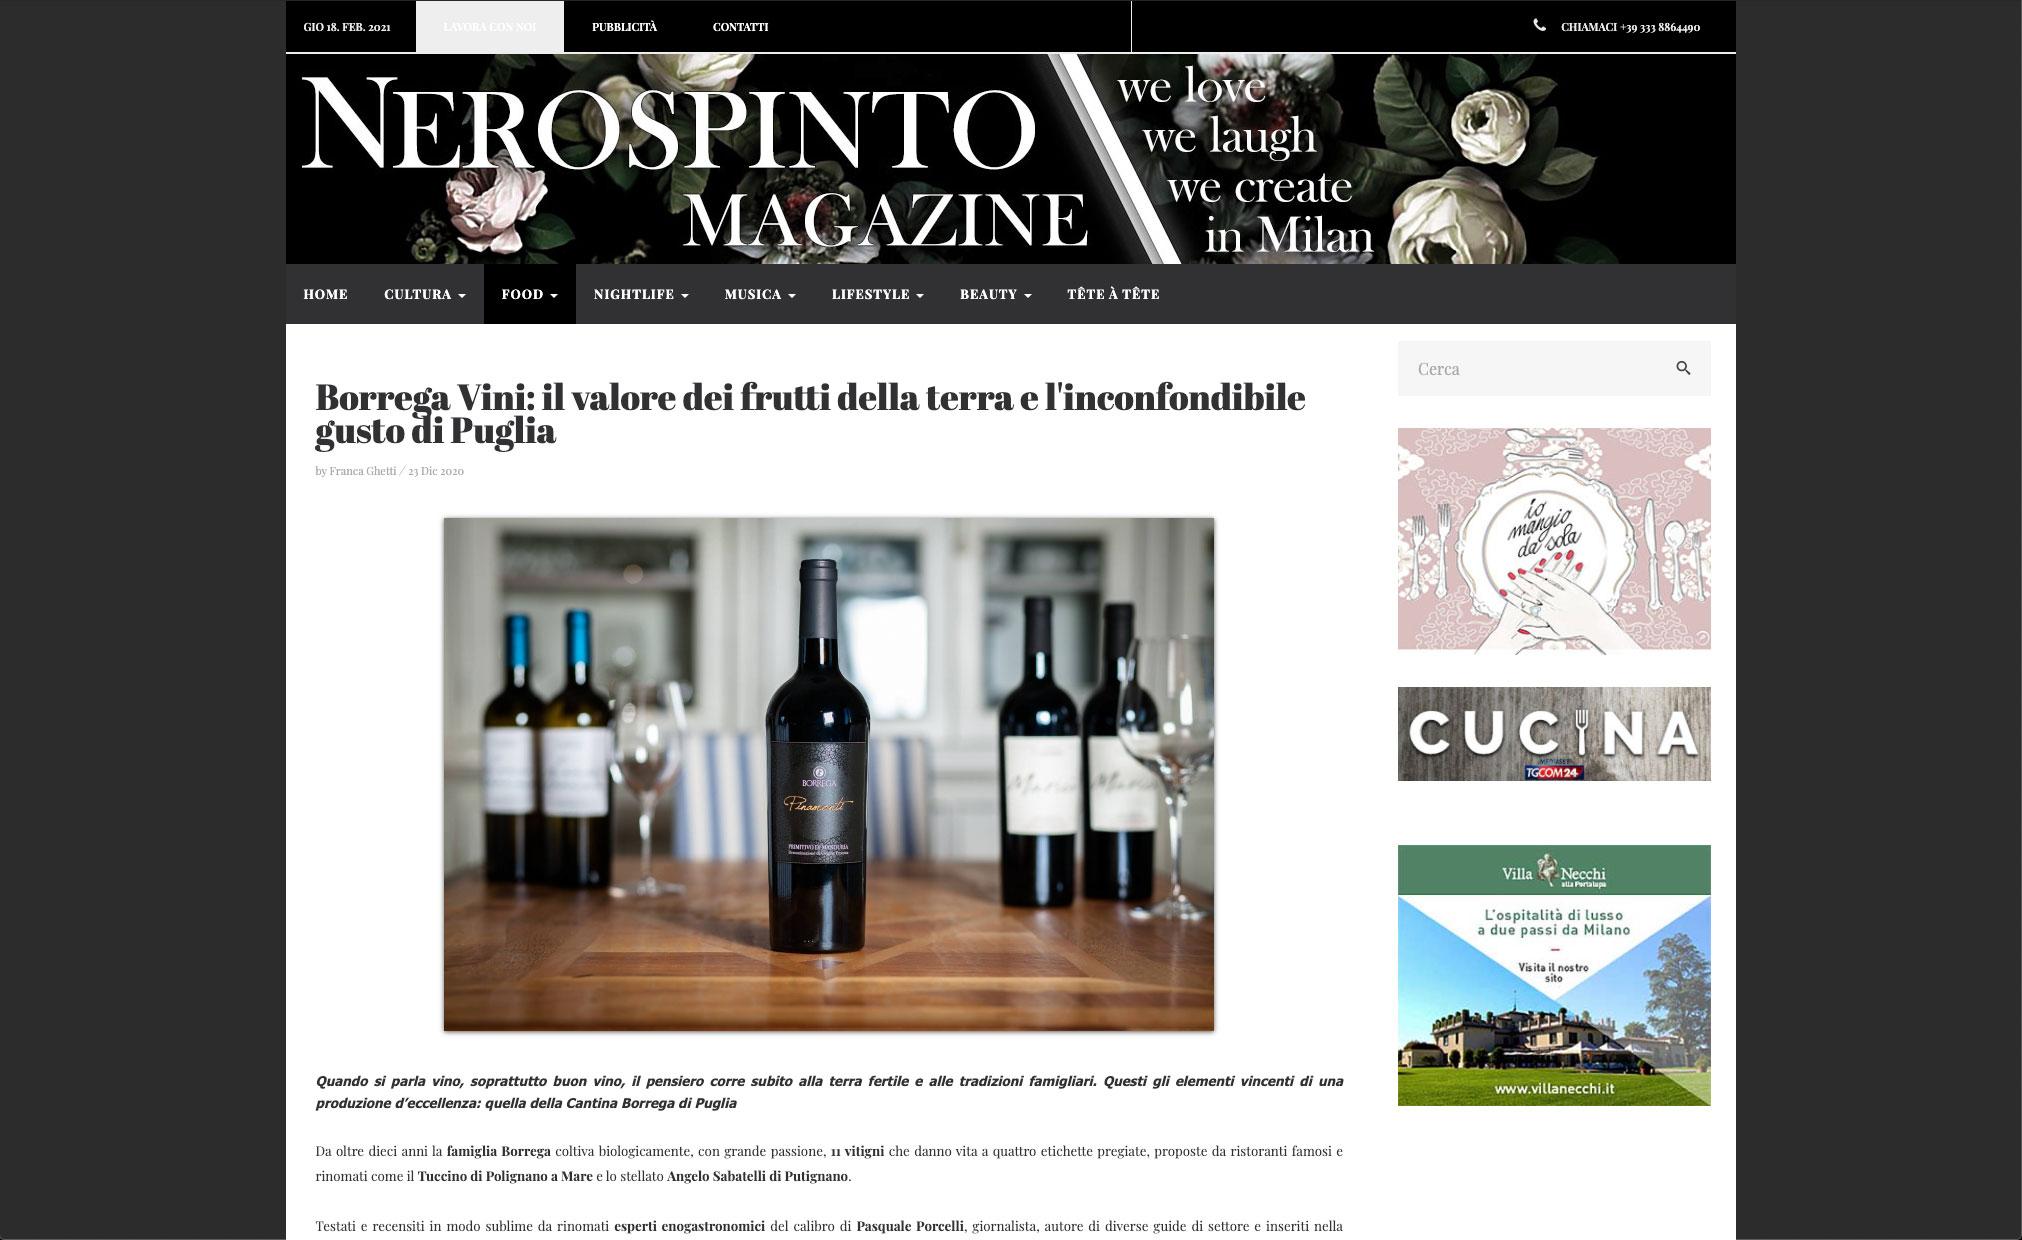 Borrega Vini: il valore dei frutti della terra e l'inconfondibile gusto di Puglia